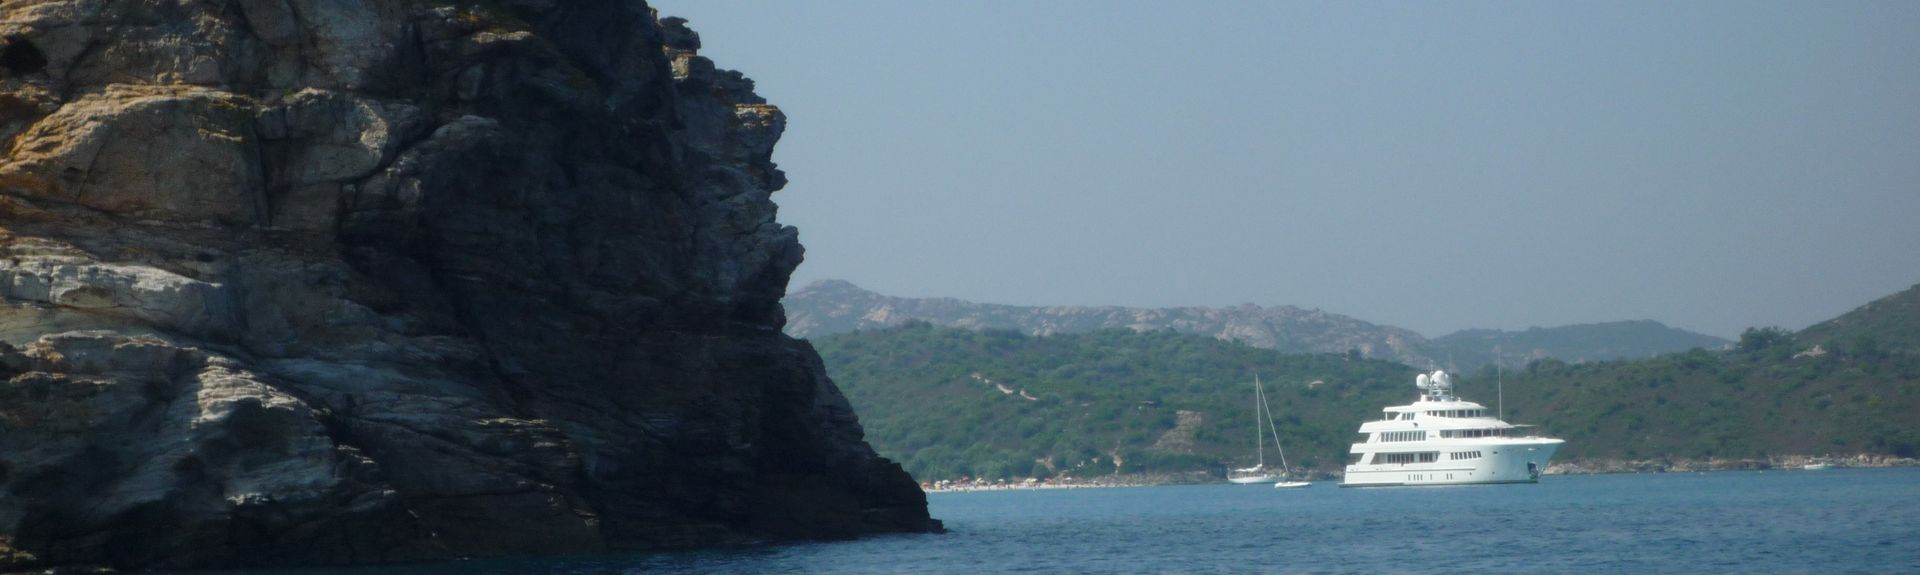 Biguglia, Haute-Corse, Frankrijk